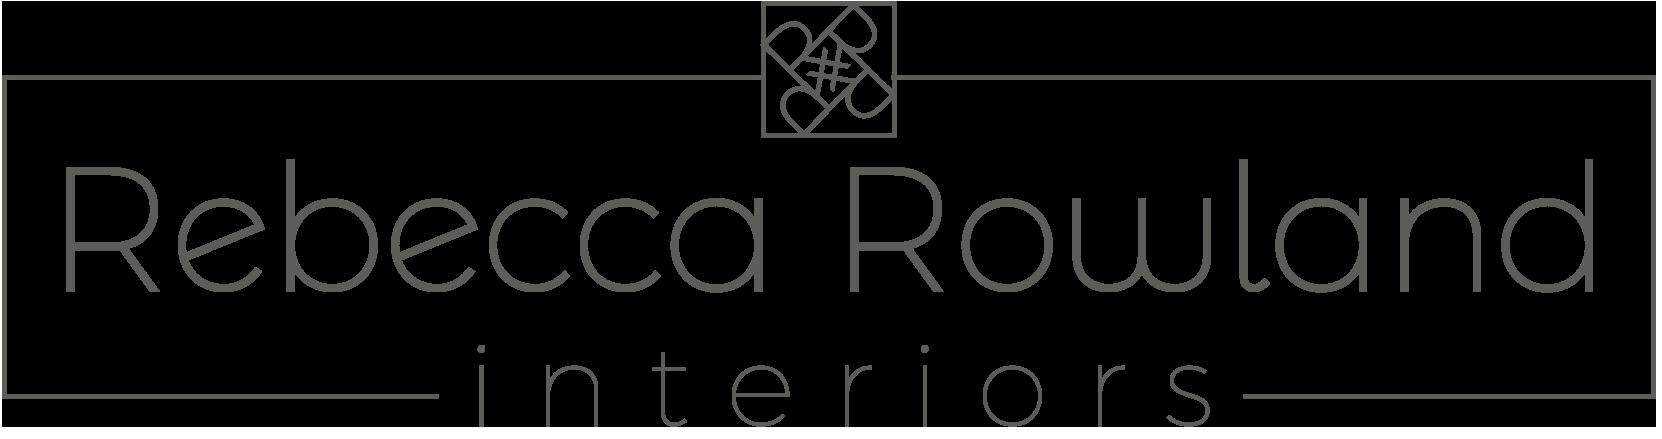 RRI-logos-8.png